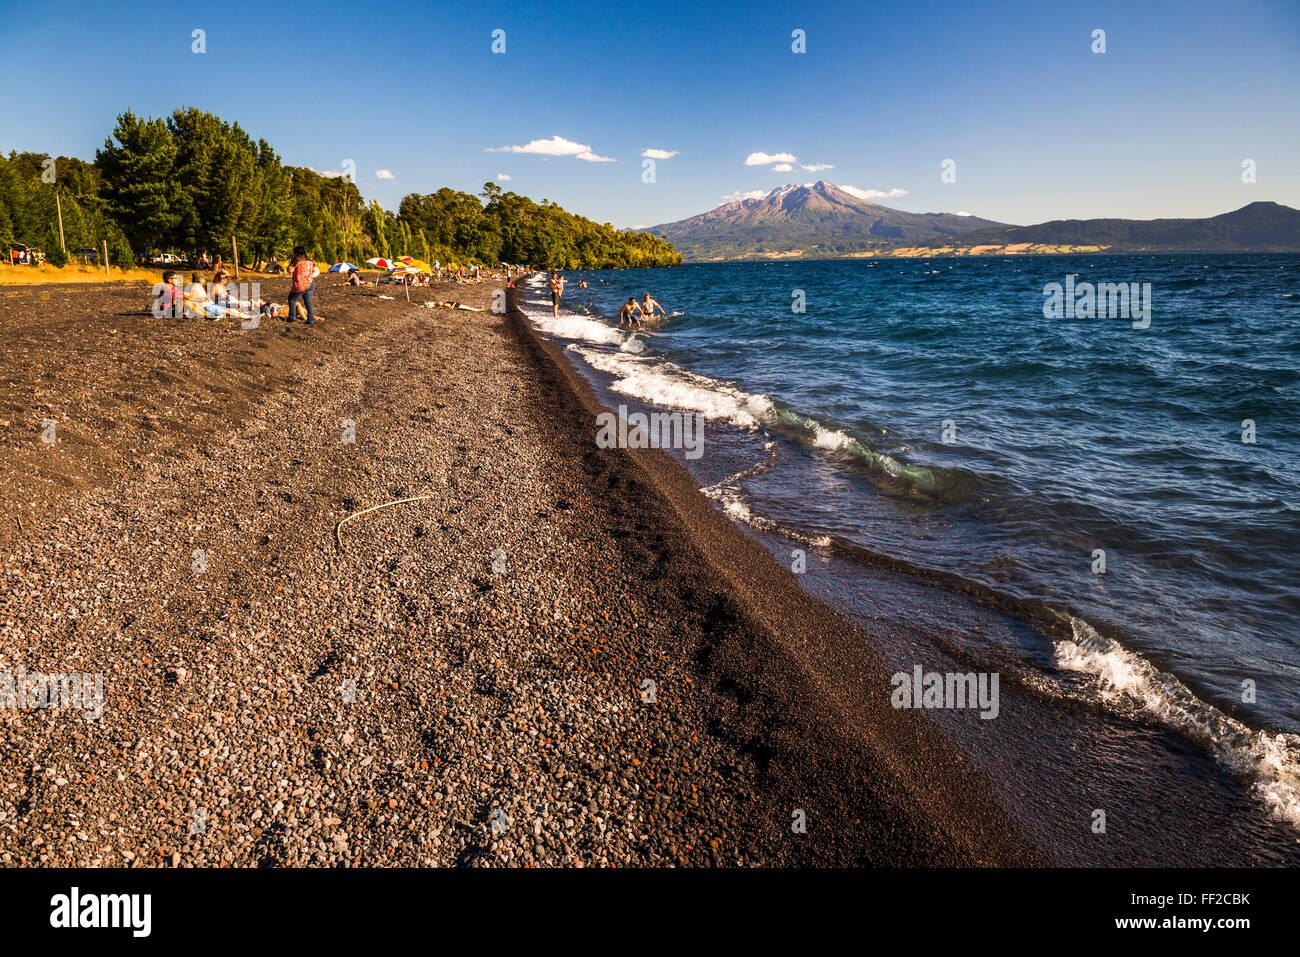 CaRMbuco VoRMcano, visto desde una playa en RMRManquihue ChiRMean RMake RMake, distrito, ChiRMe, Sudamérica Foto de stock